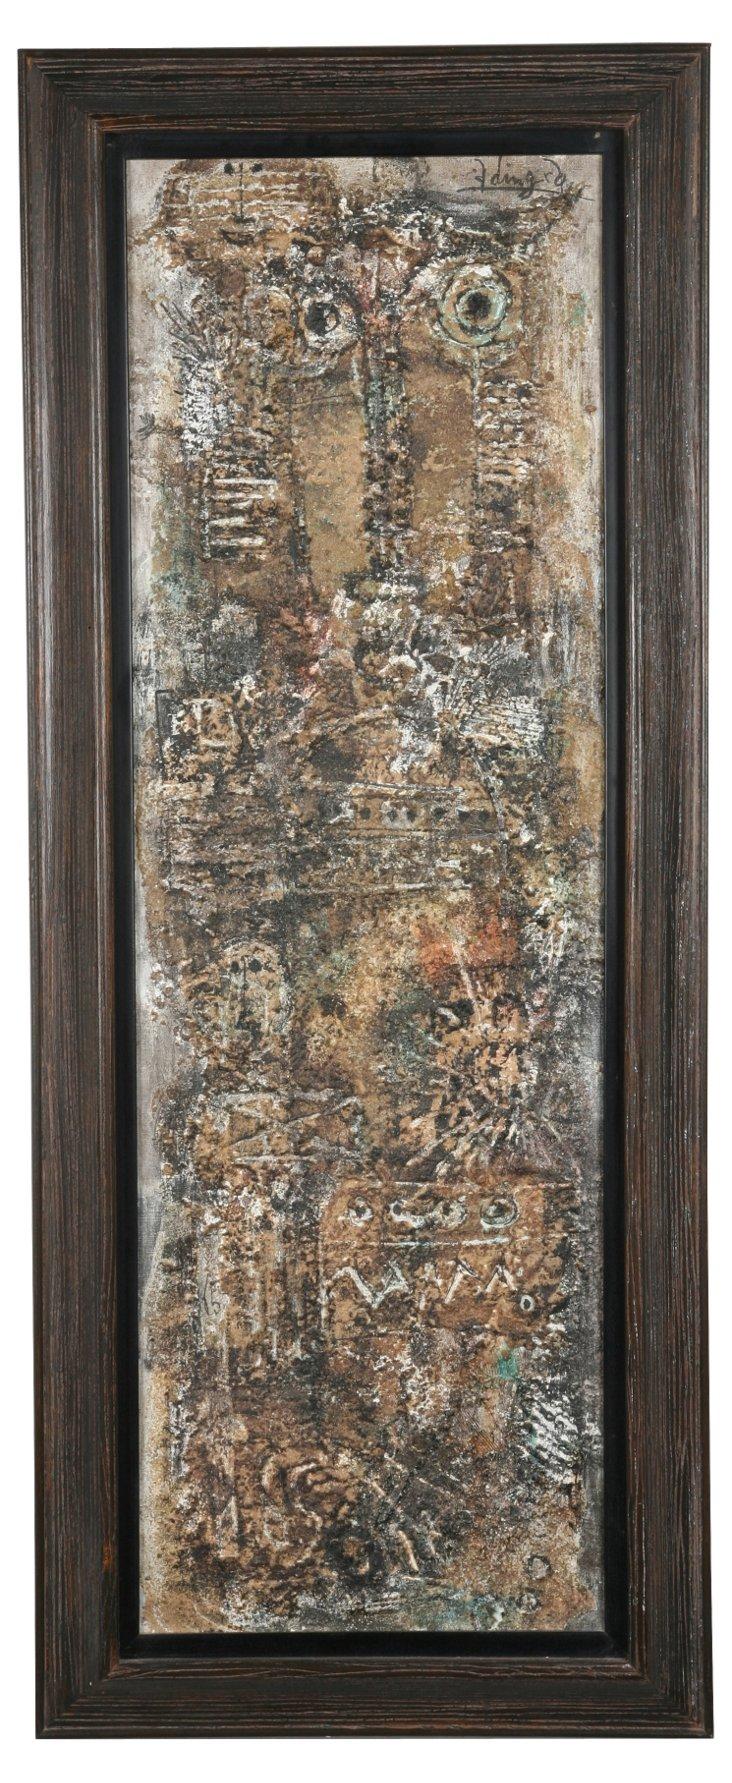 Georges Ebrin Adingra Painting I